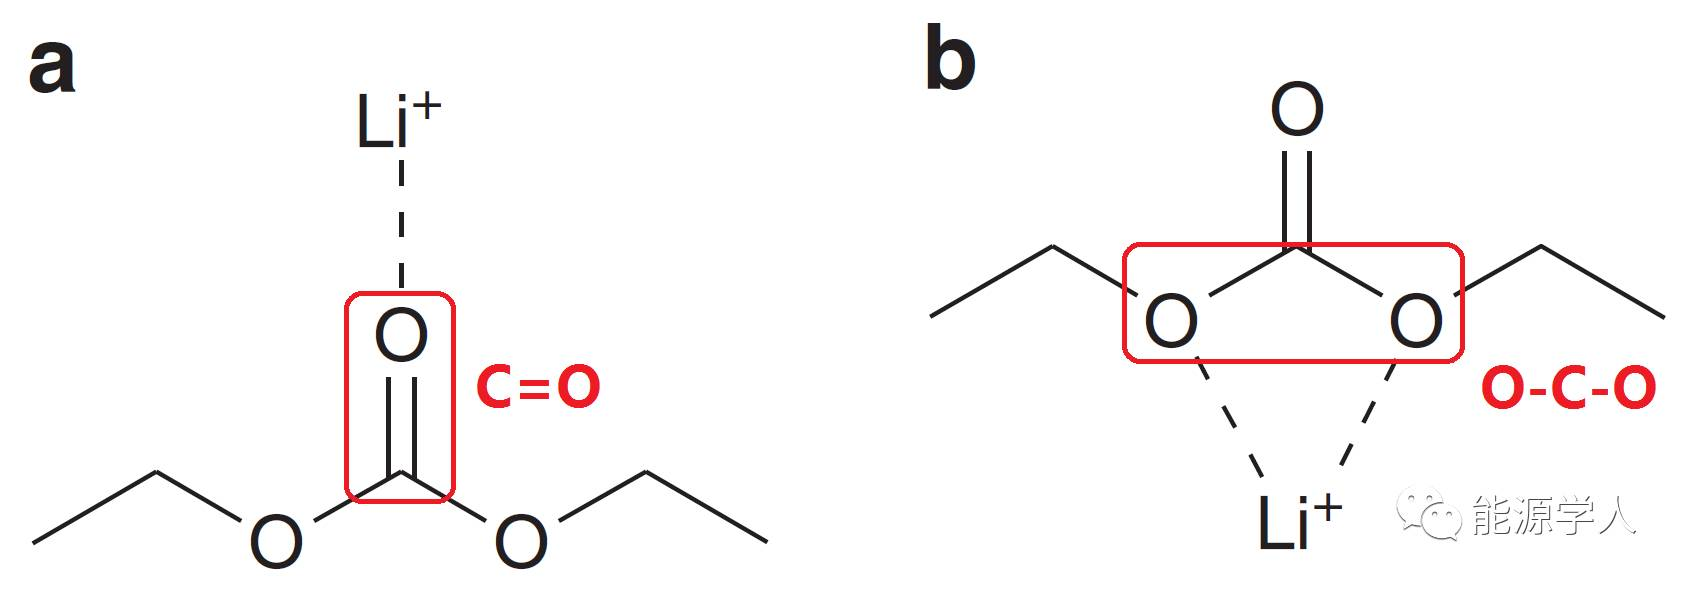 锂离子扩散方式新理论